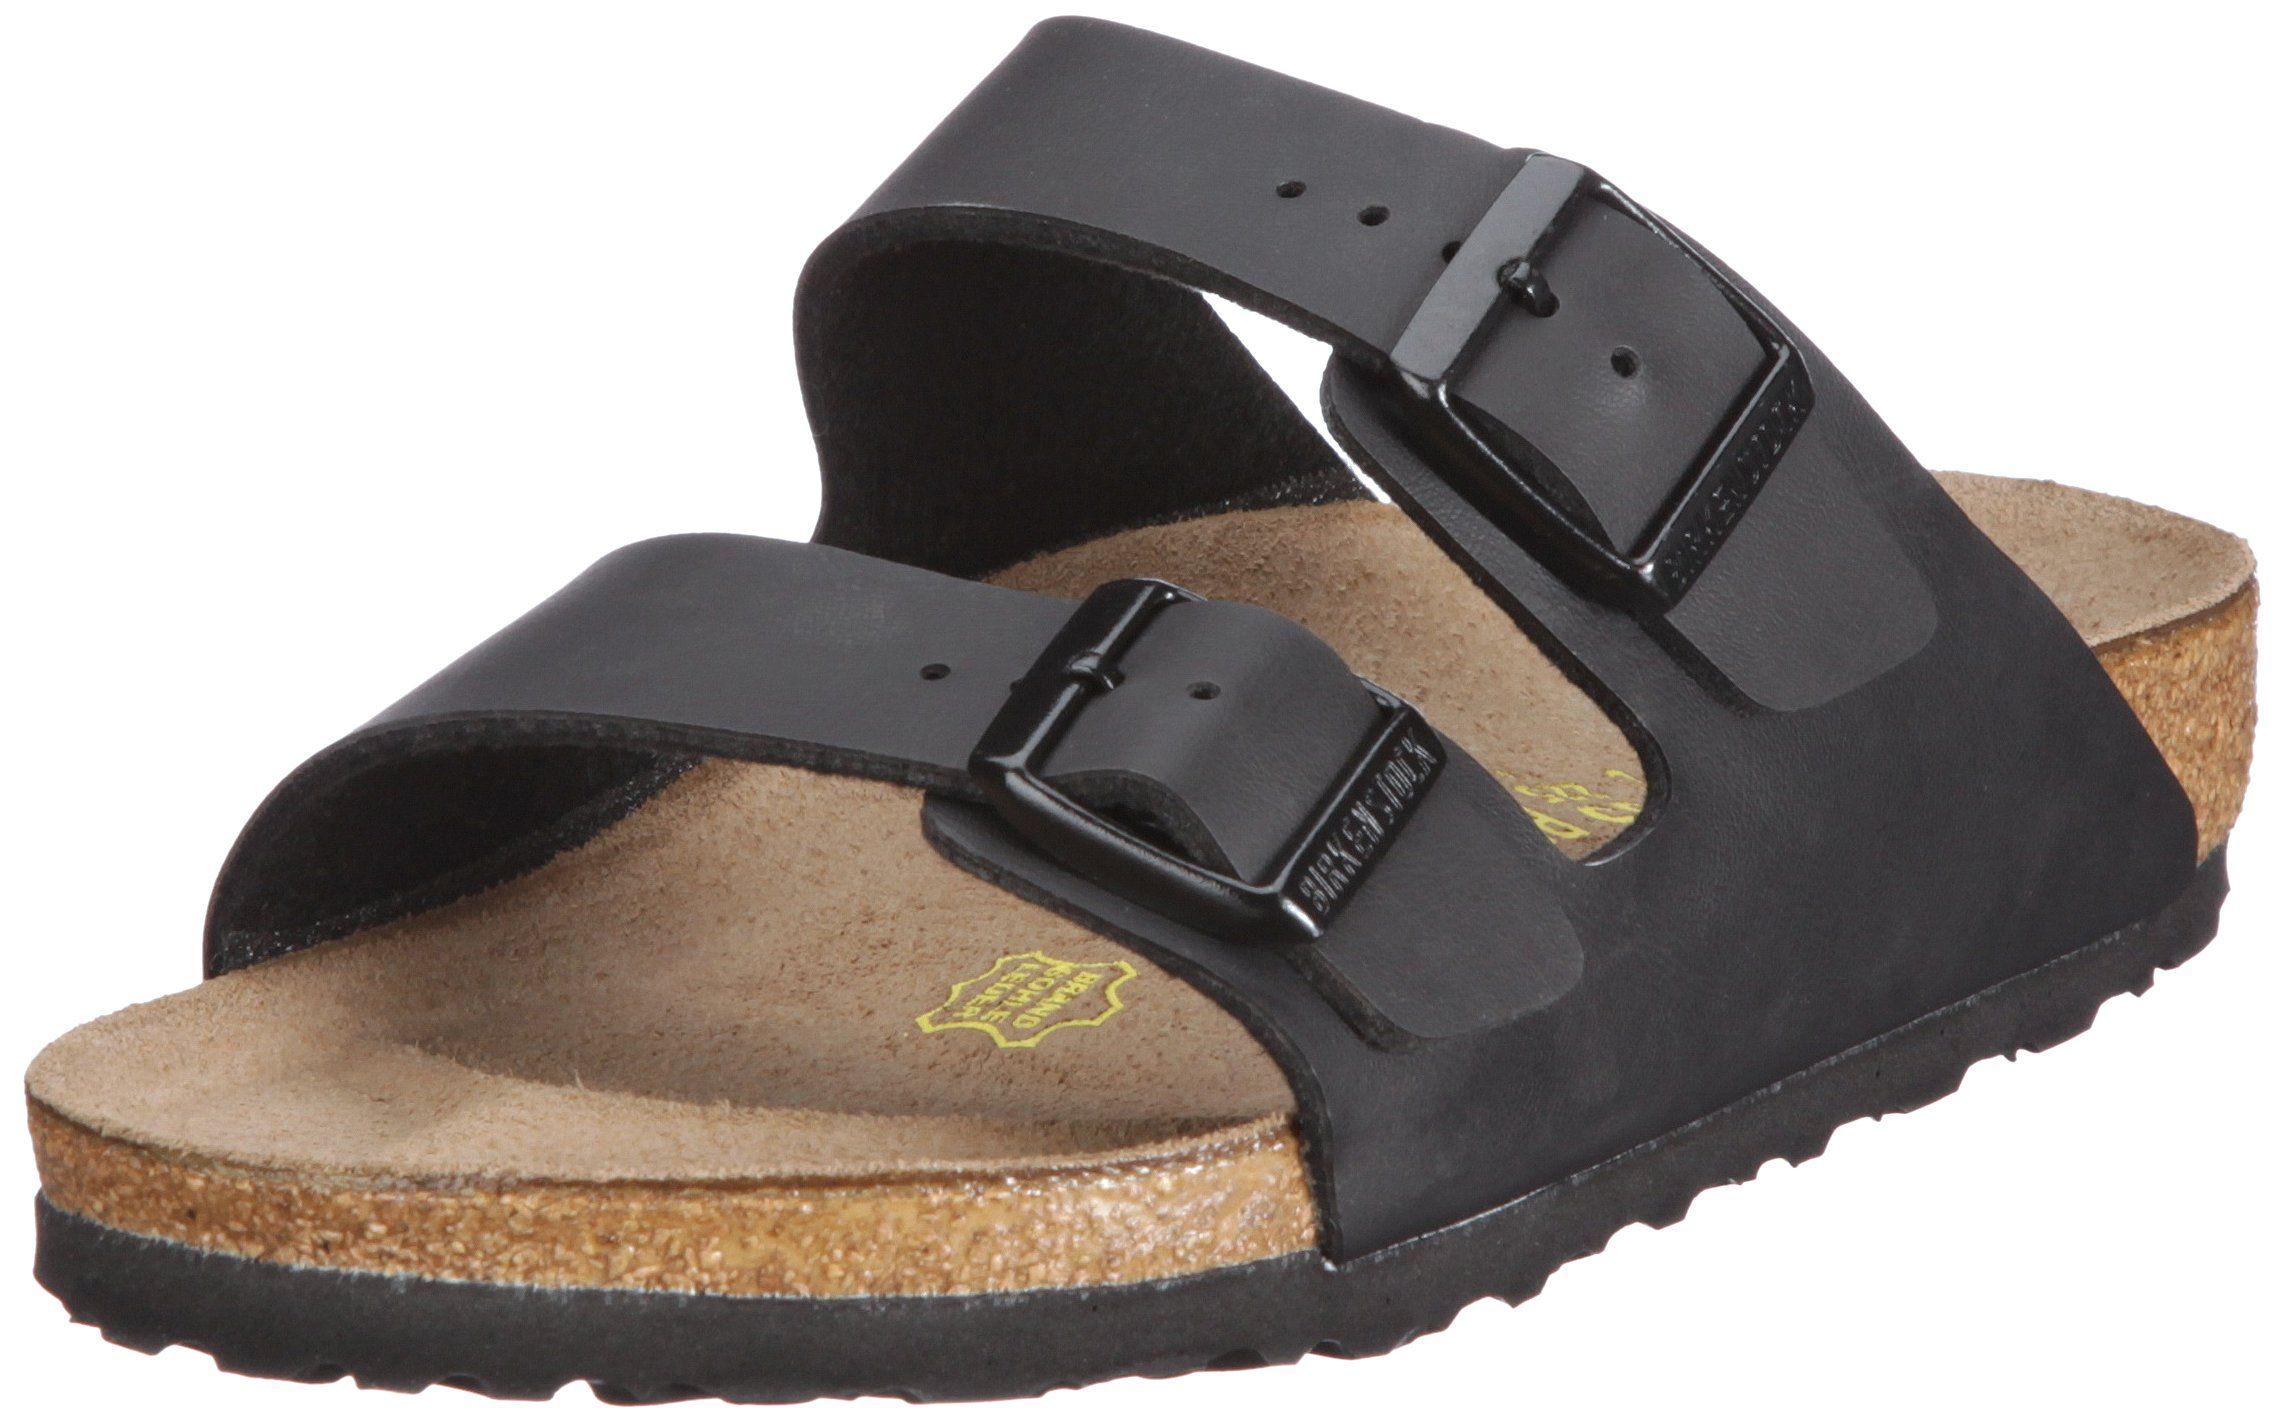 Birkenstock Rio Black Mens Sandals Size 43 EU OI3TS4